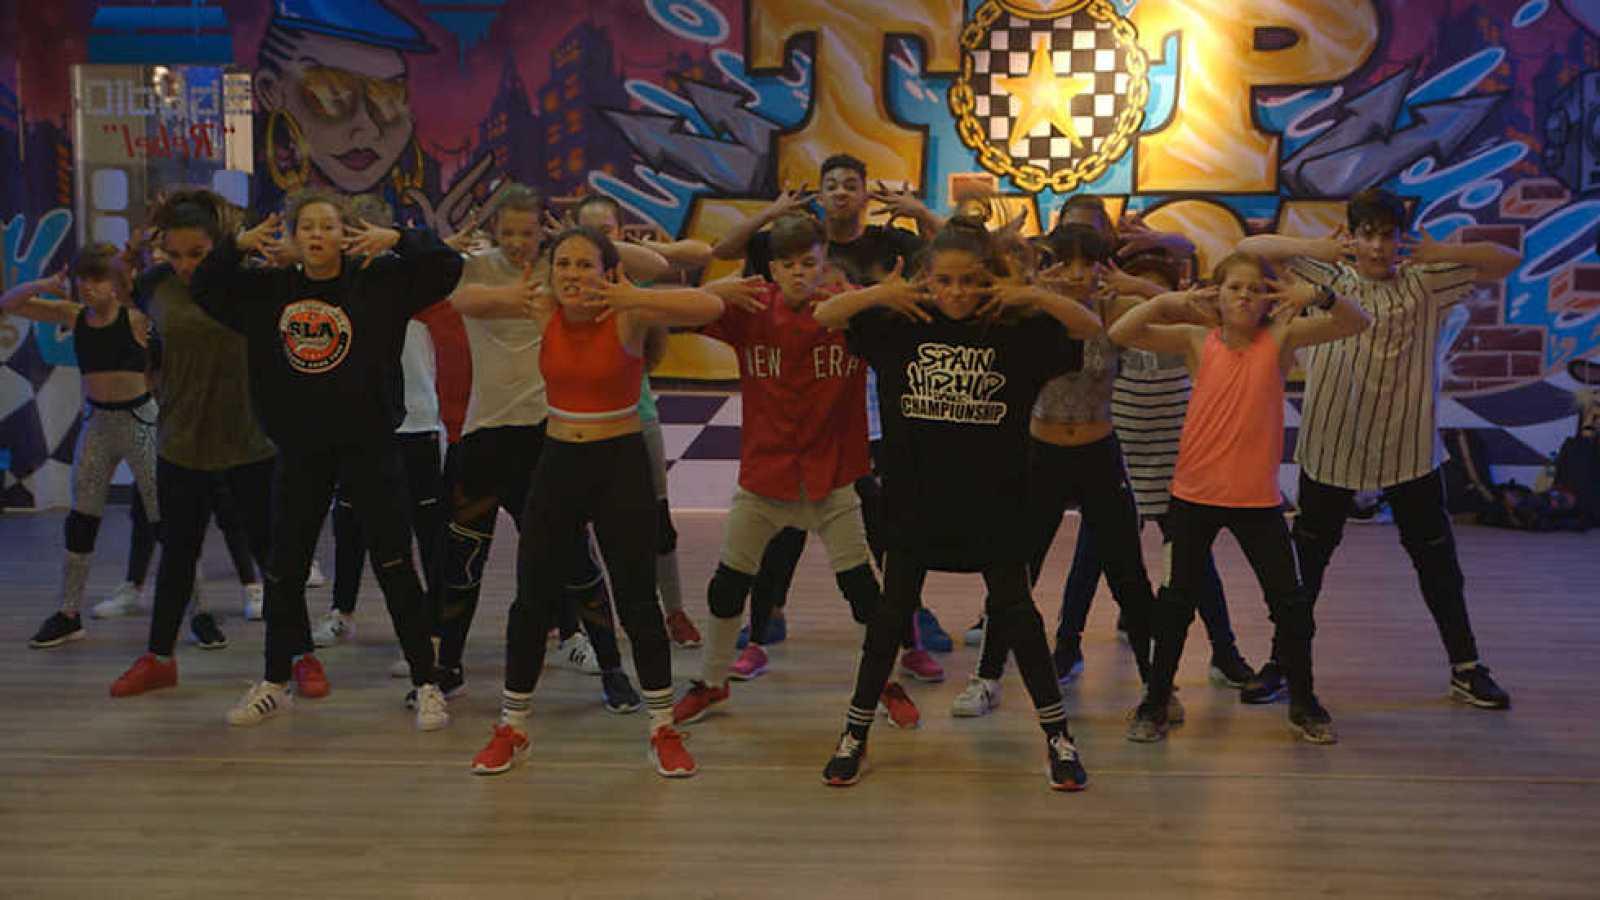 bf088ea738 Para todos los públicos El Baile de los Ángeles - Capítulo 1 reproducir  video